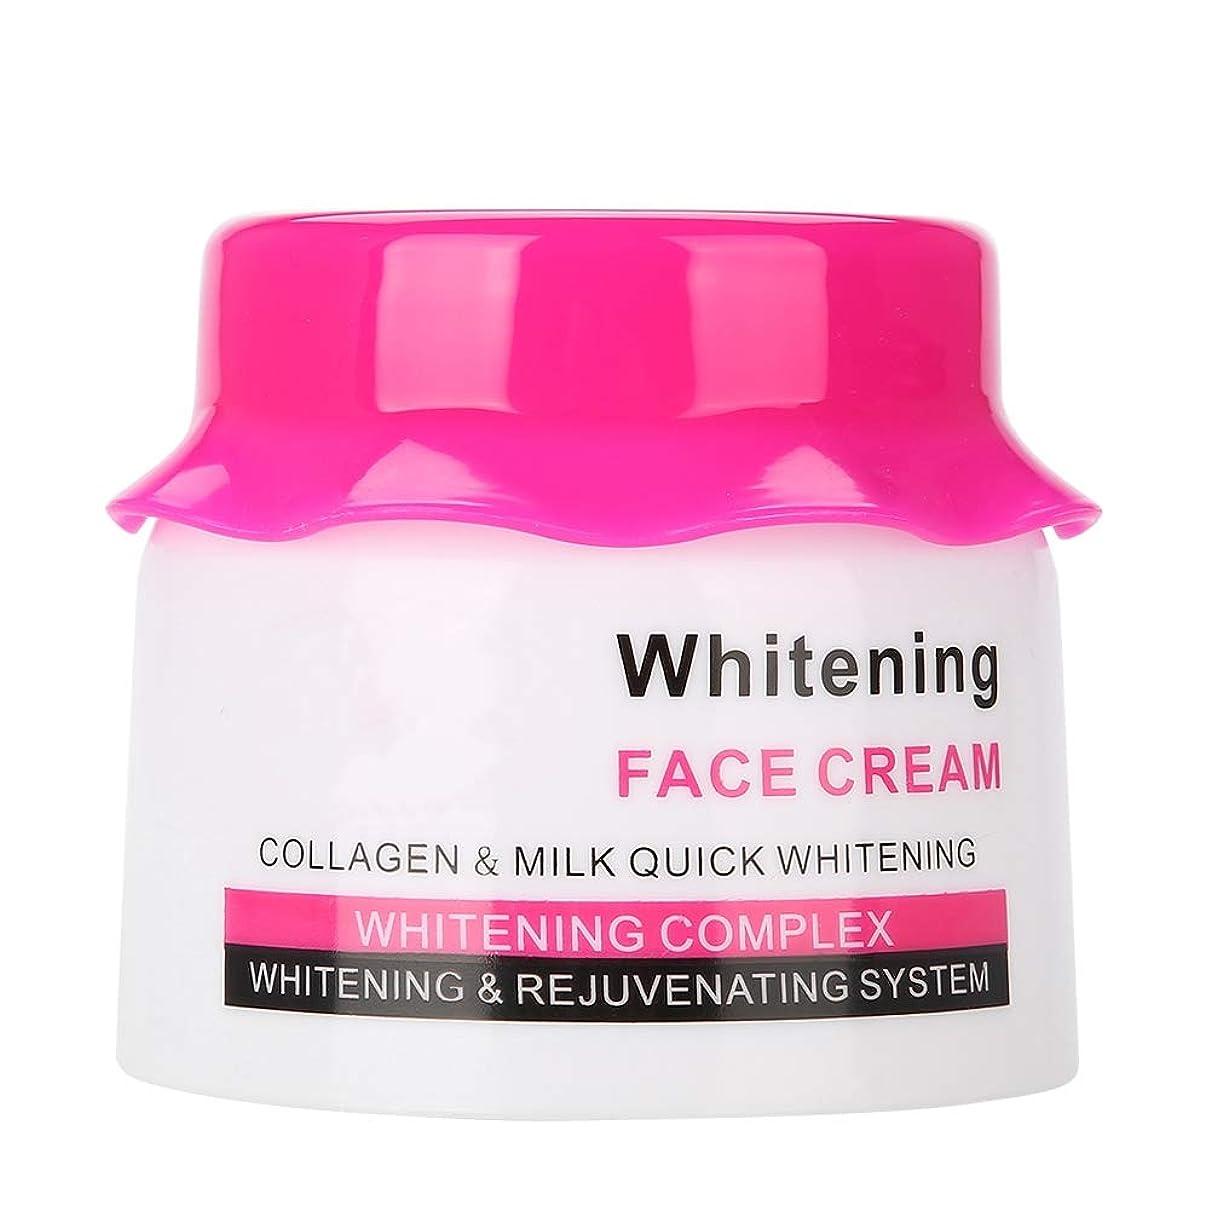 安全でない反響する誇張する天然コラーゲン、肌のリラクゼーションと引き締まった肌の多機能、保湿引き締めフェイシャルシュリンクポアケア肌を白くするフェイシャルクリーム